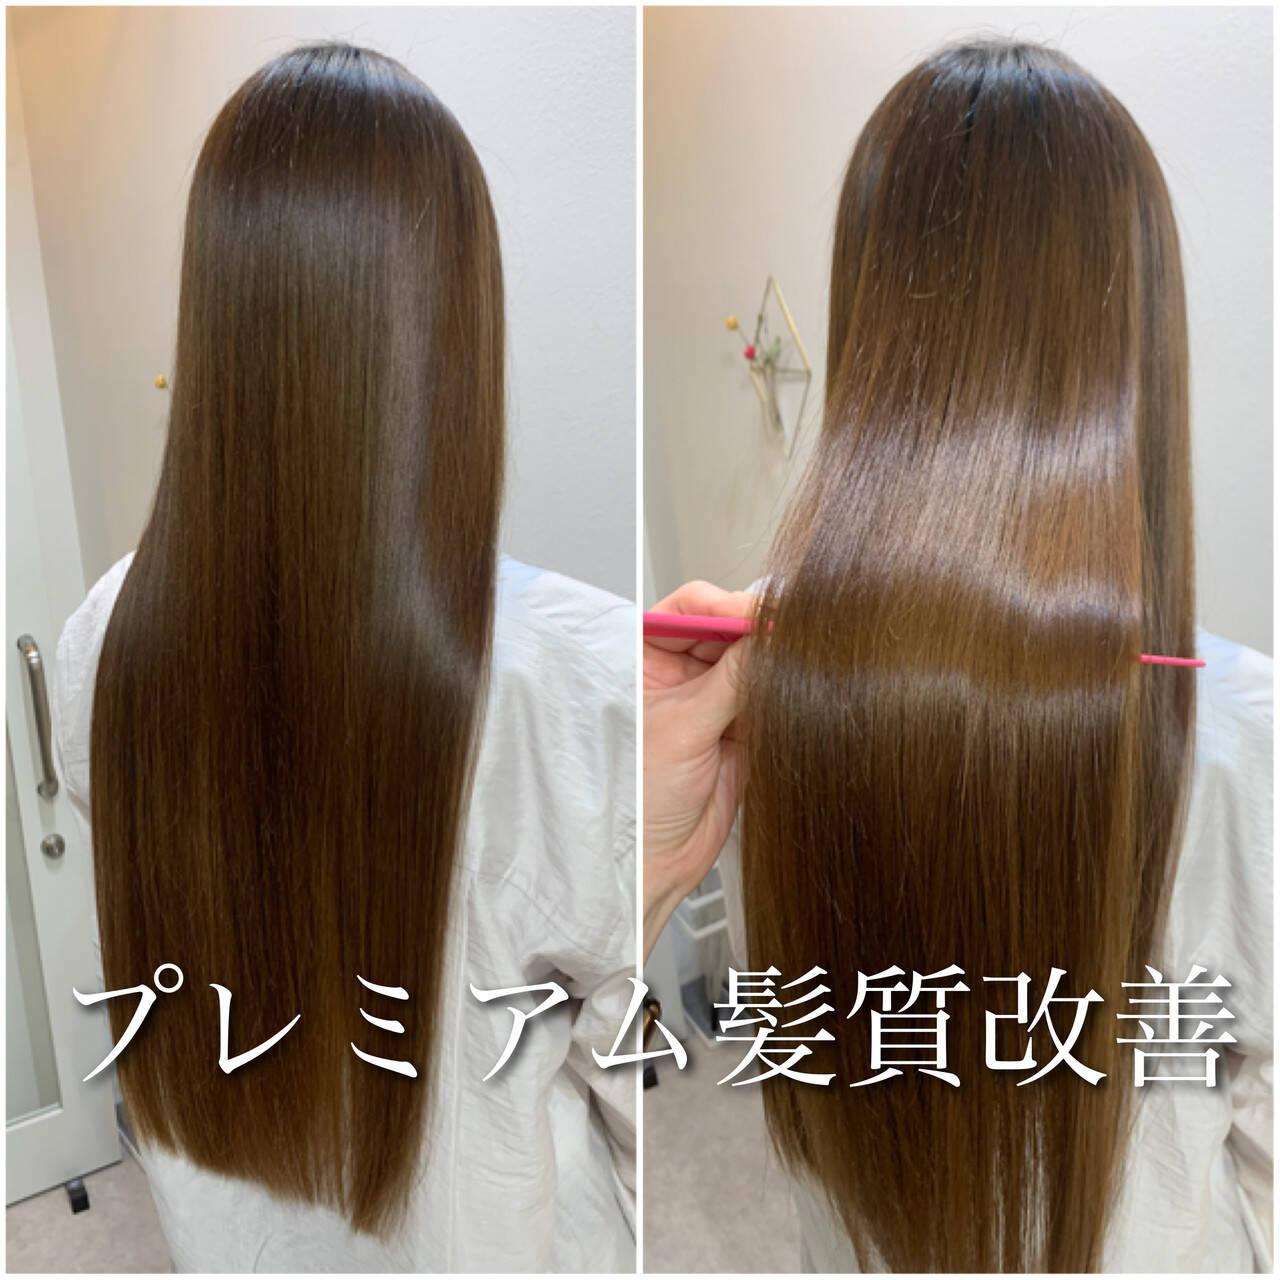 大人かわいい ロングヘア ナチュラル ロングヘアスタイルや髪型の写真・画像